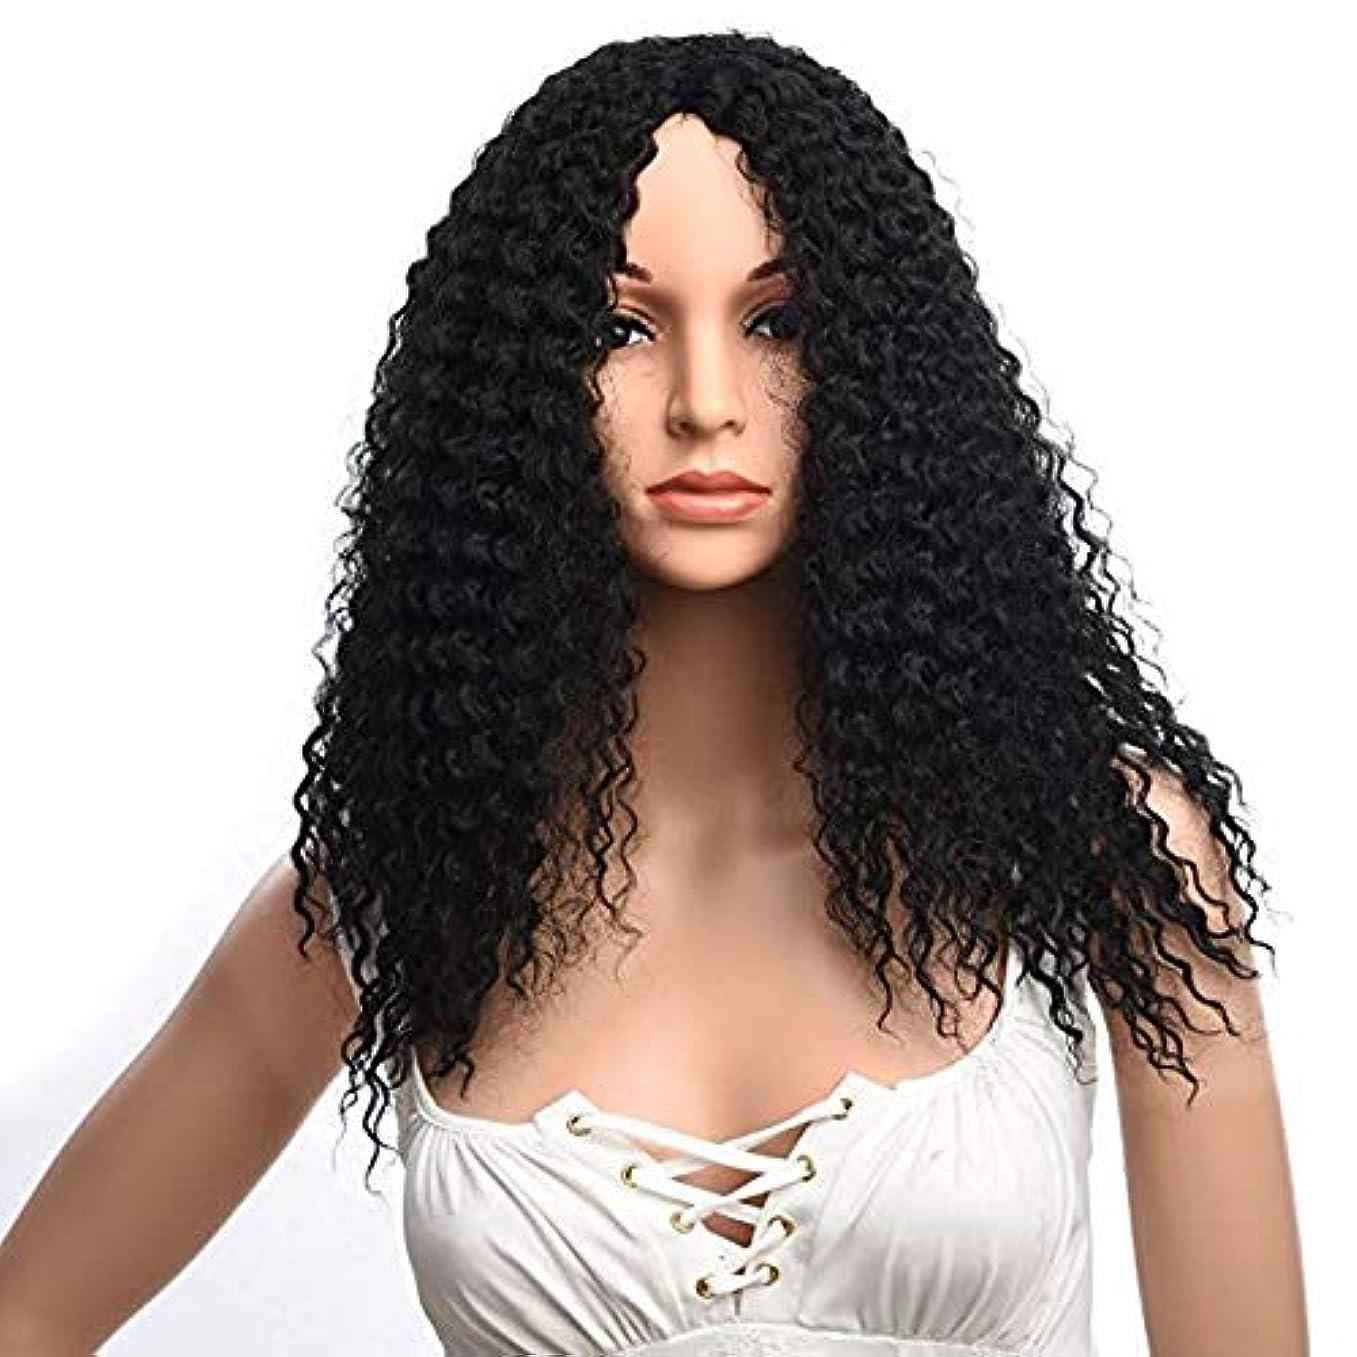 配るボウリング植物学女性の肩短い髪ふわふわ高温シルクファッションかつら